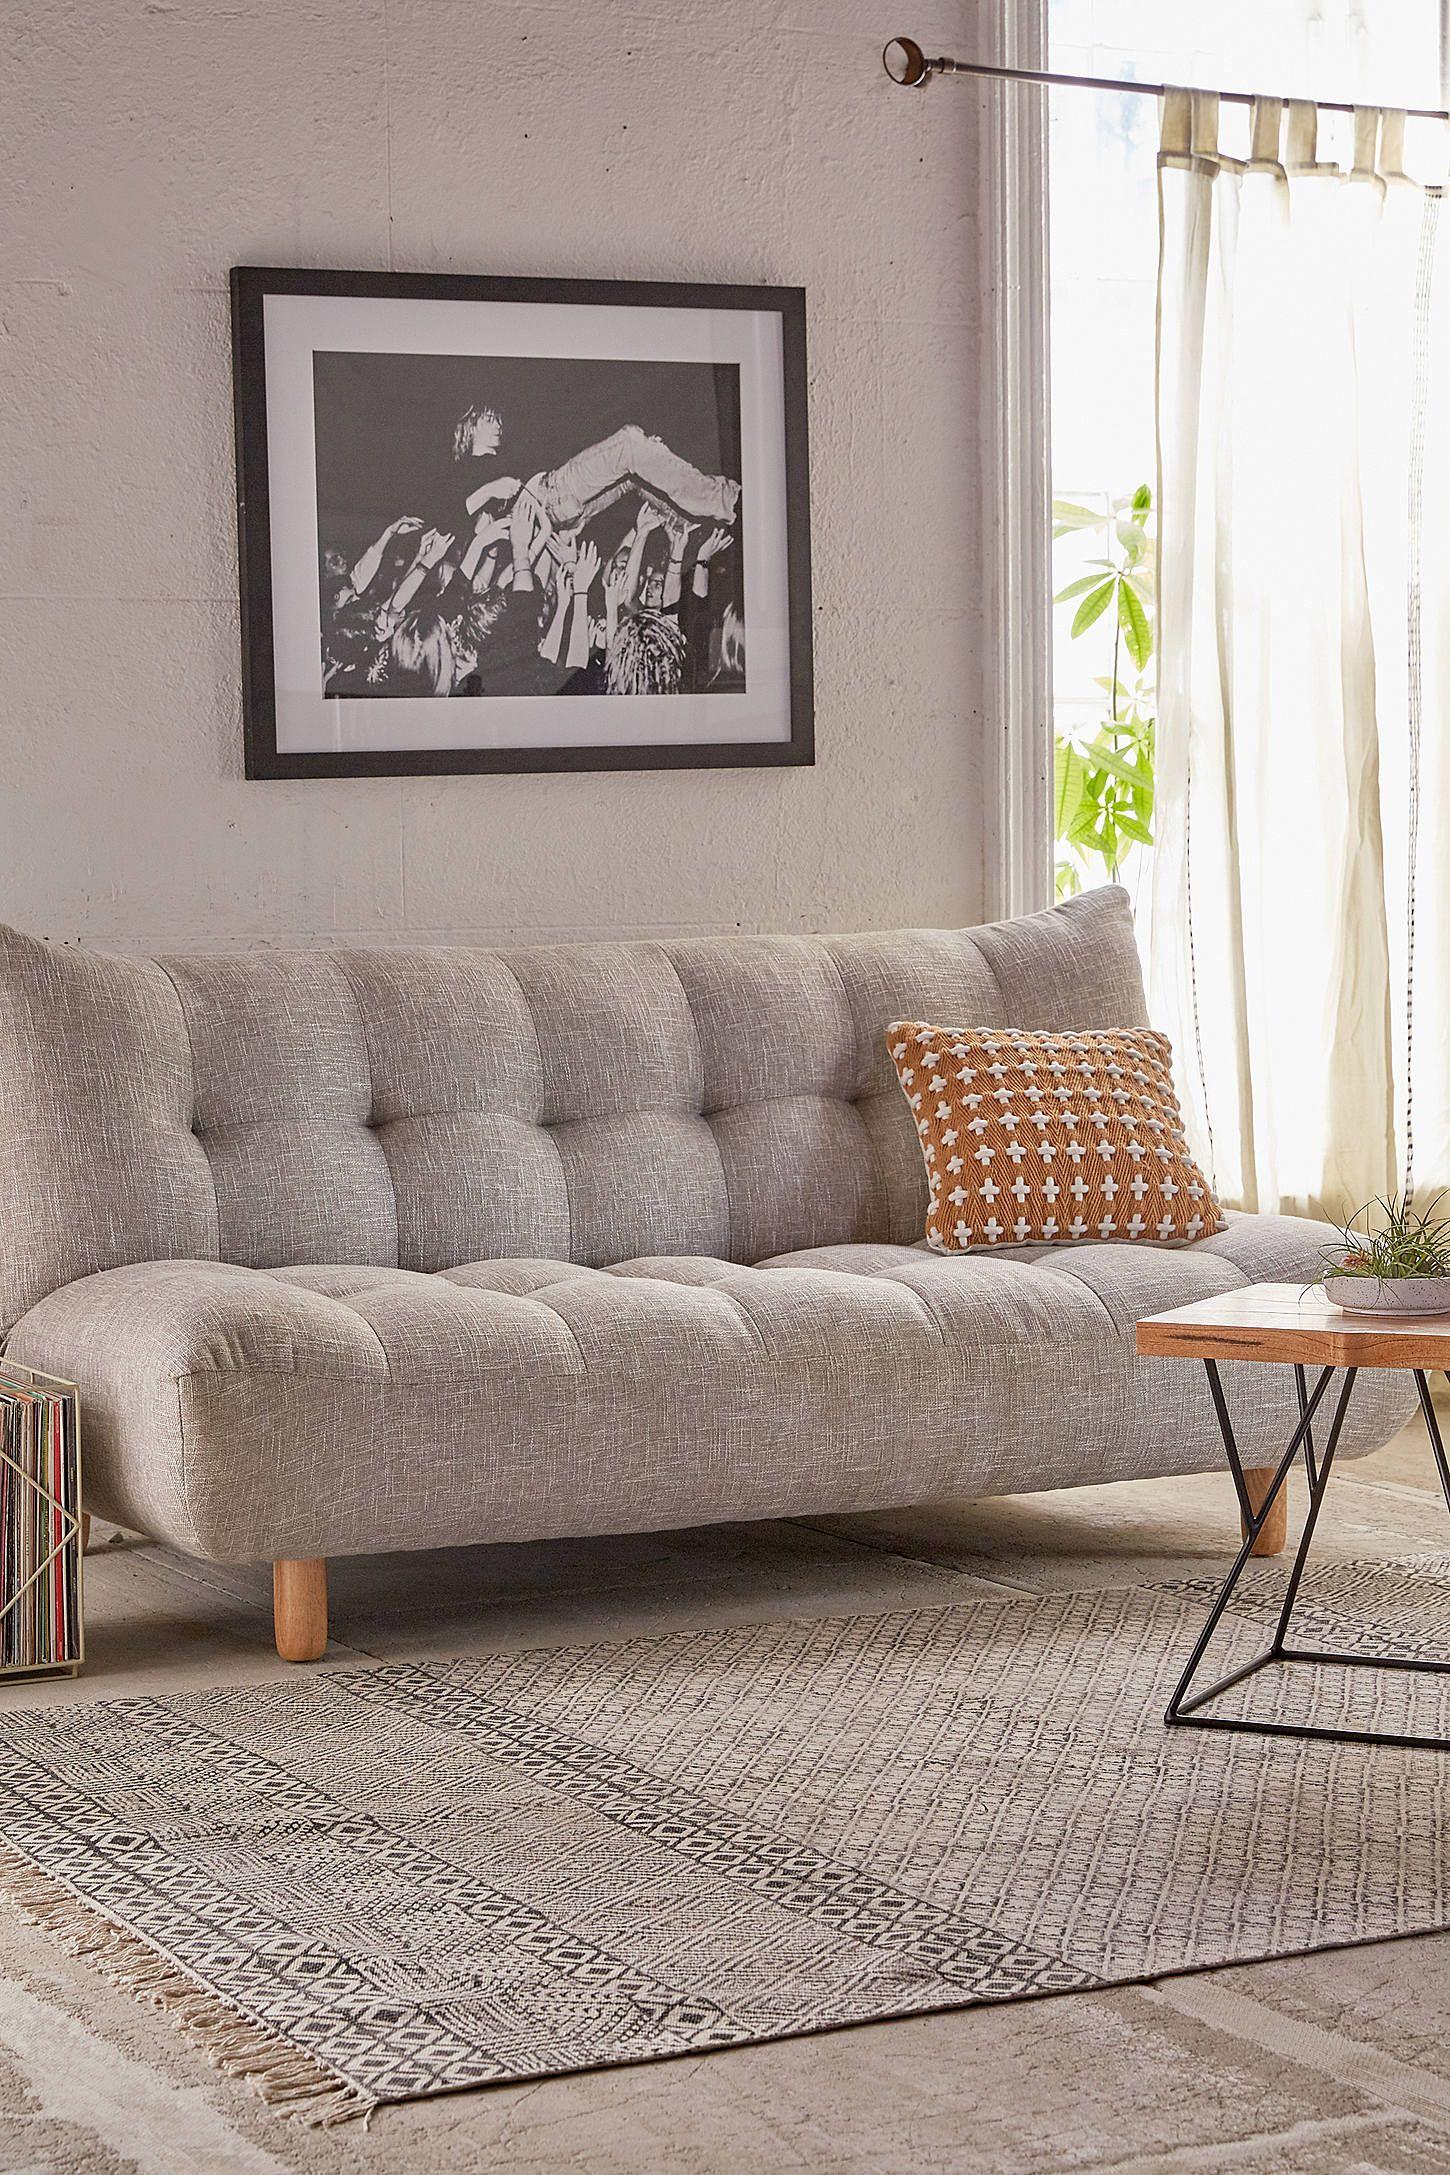 Best Winslow Armless Sleeper Sofa Home Decor Pinterest 400 x 300